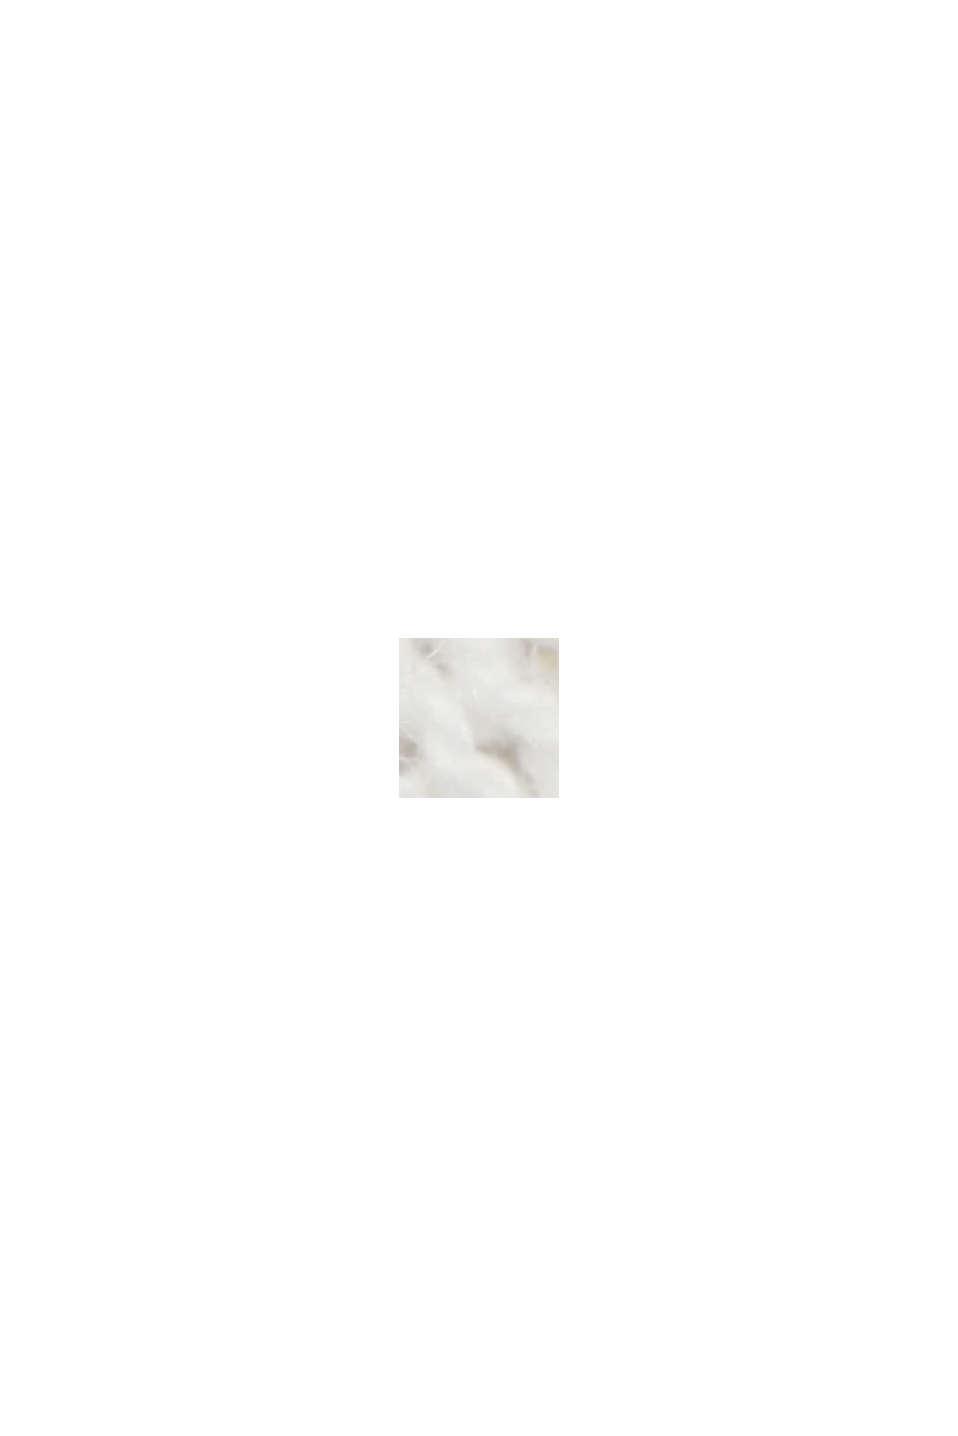 Leinen/Organic Cotton: Strick-Shirt, OFF WHITE, swatch